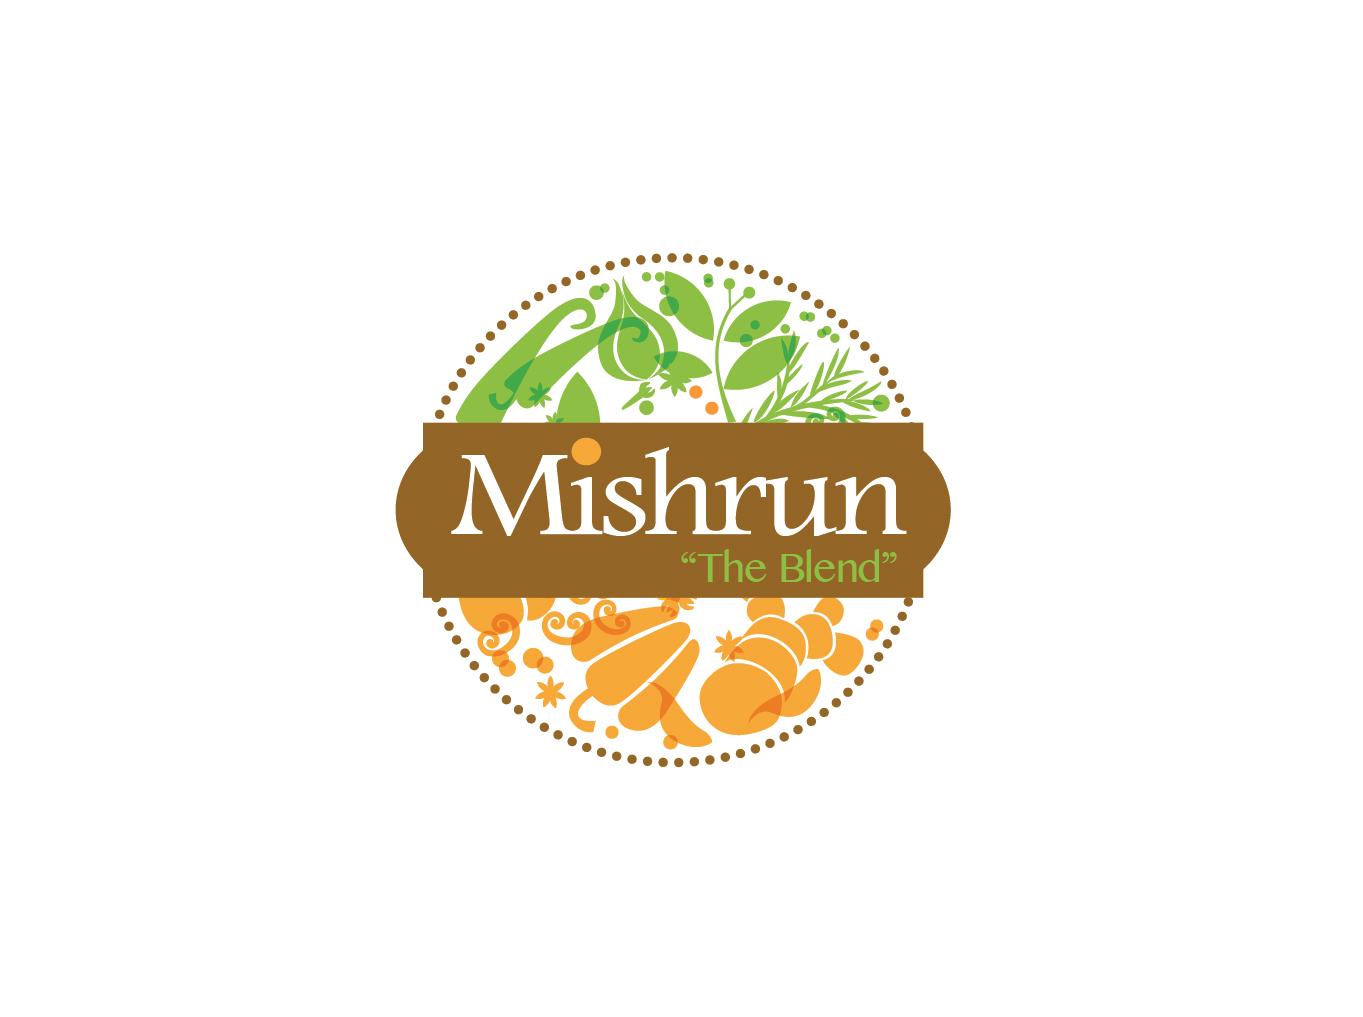 Fianl Logo_Mishrun